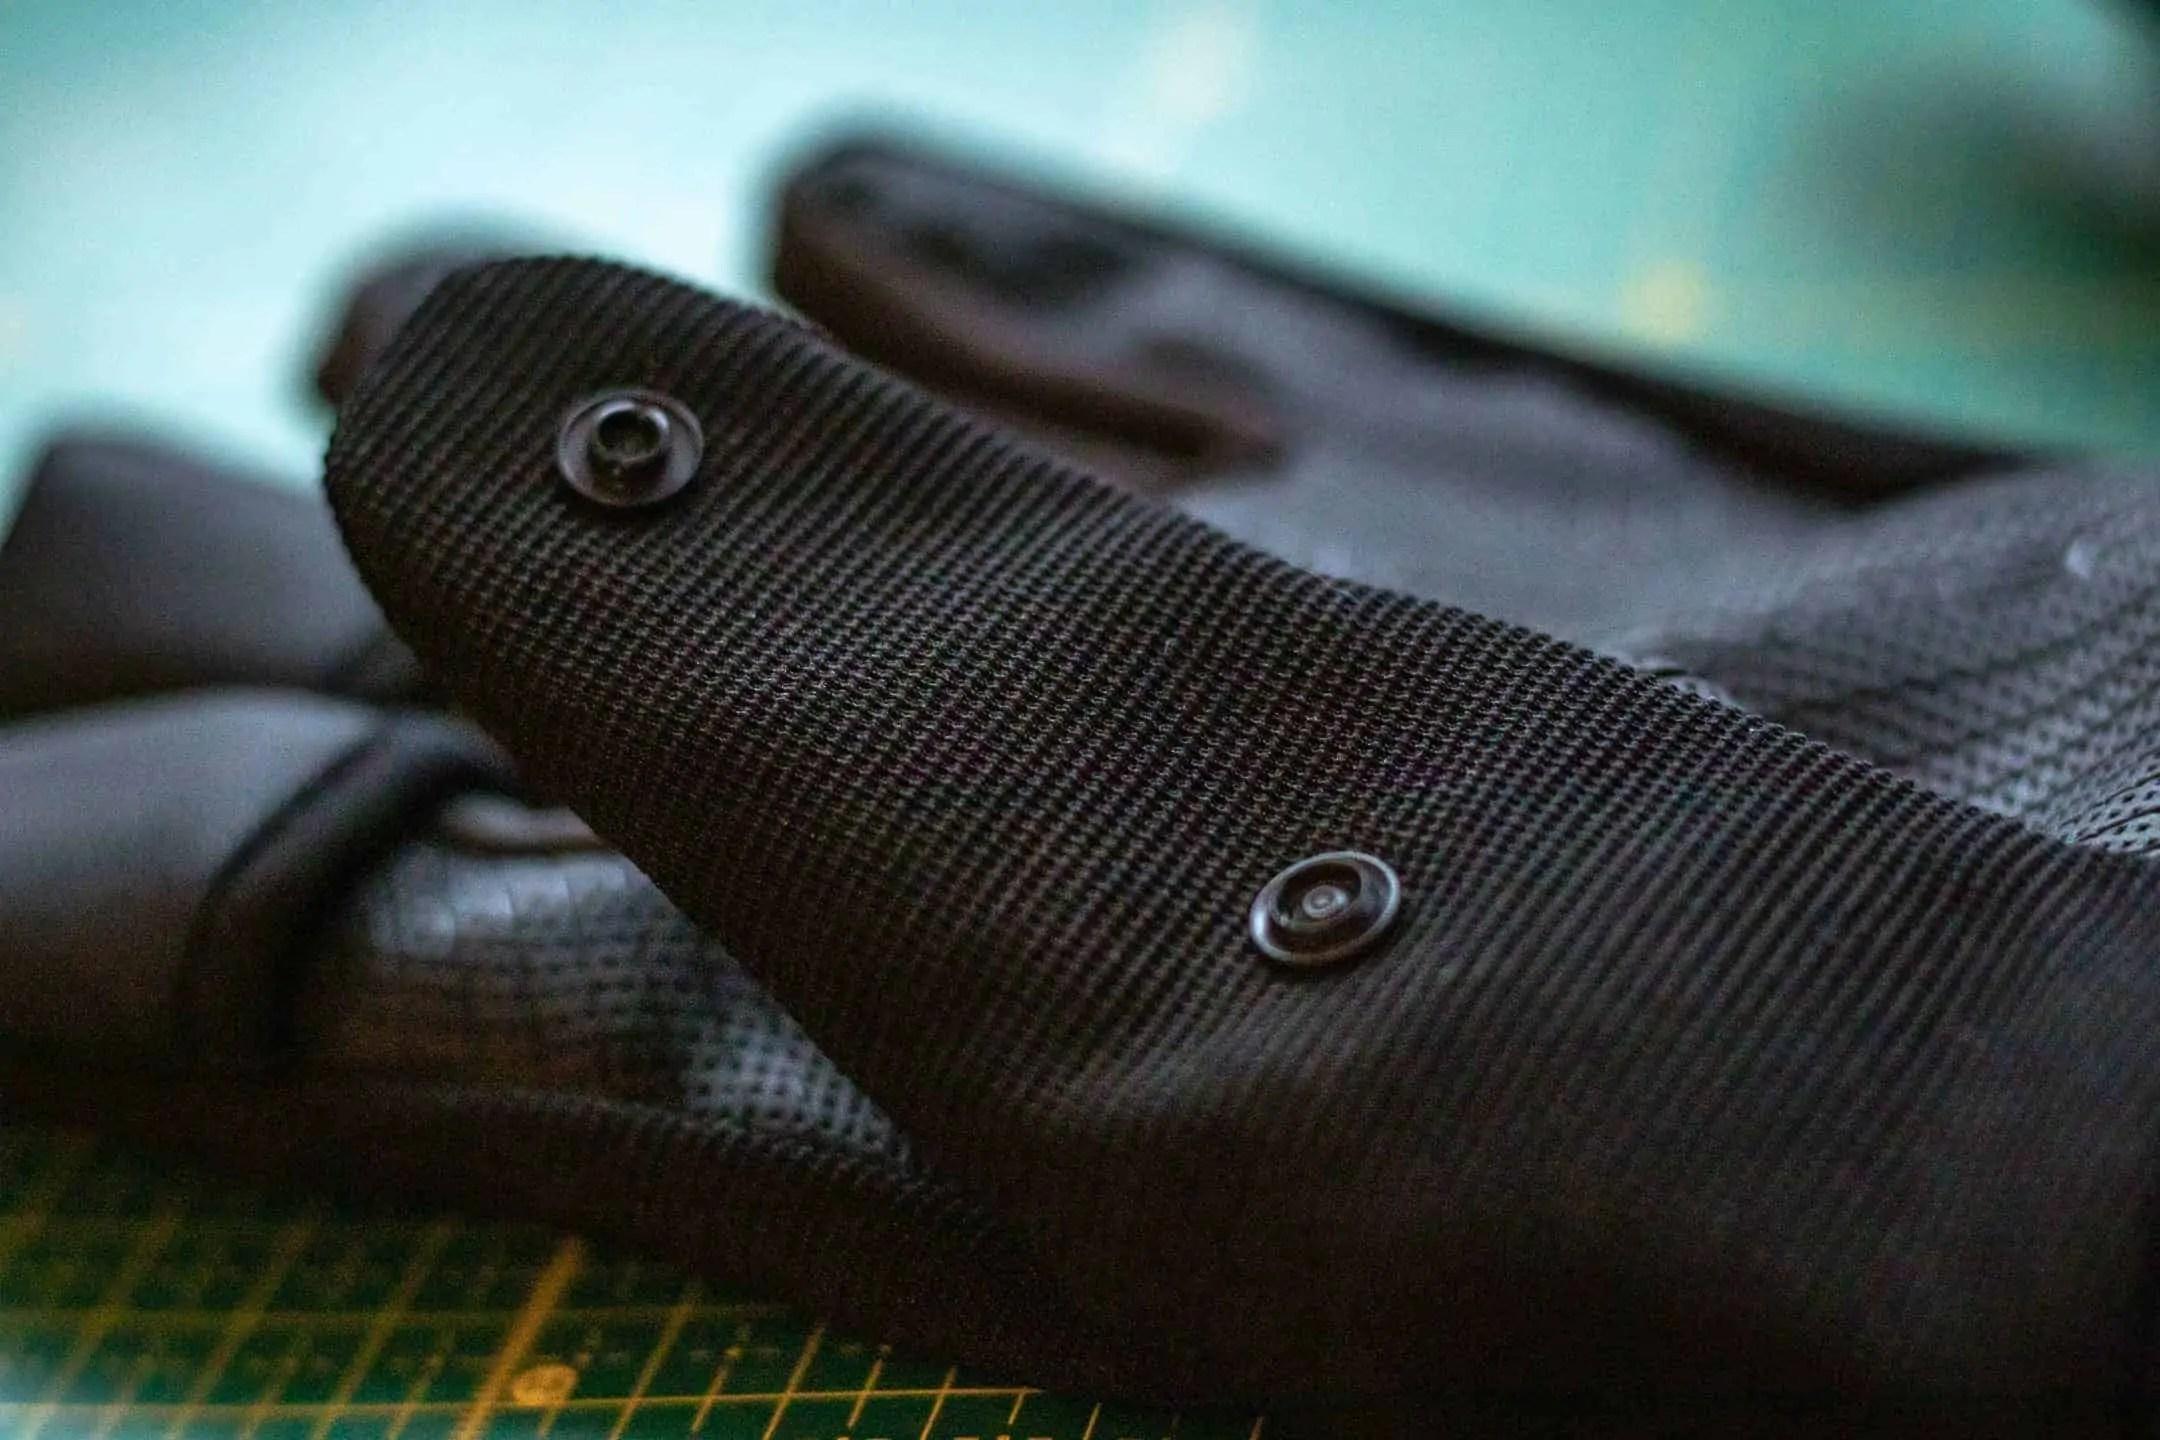 Rekawiczki fotograficzne pgytech 5 - Rękawiczki fotograficzne pgytech - 5 ważnych zalet